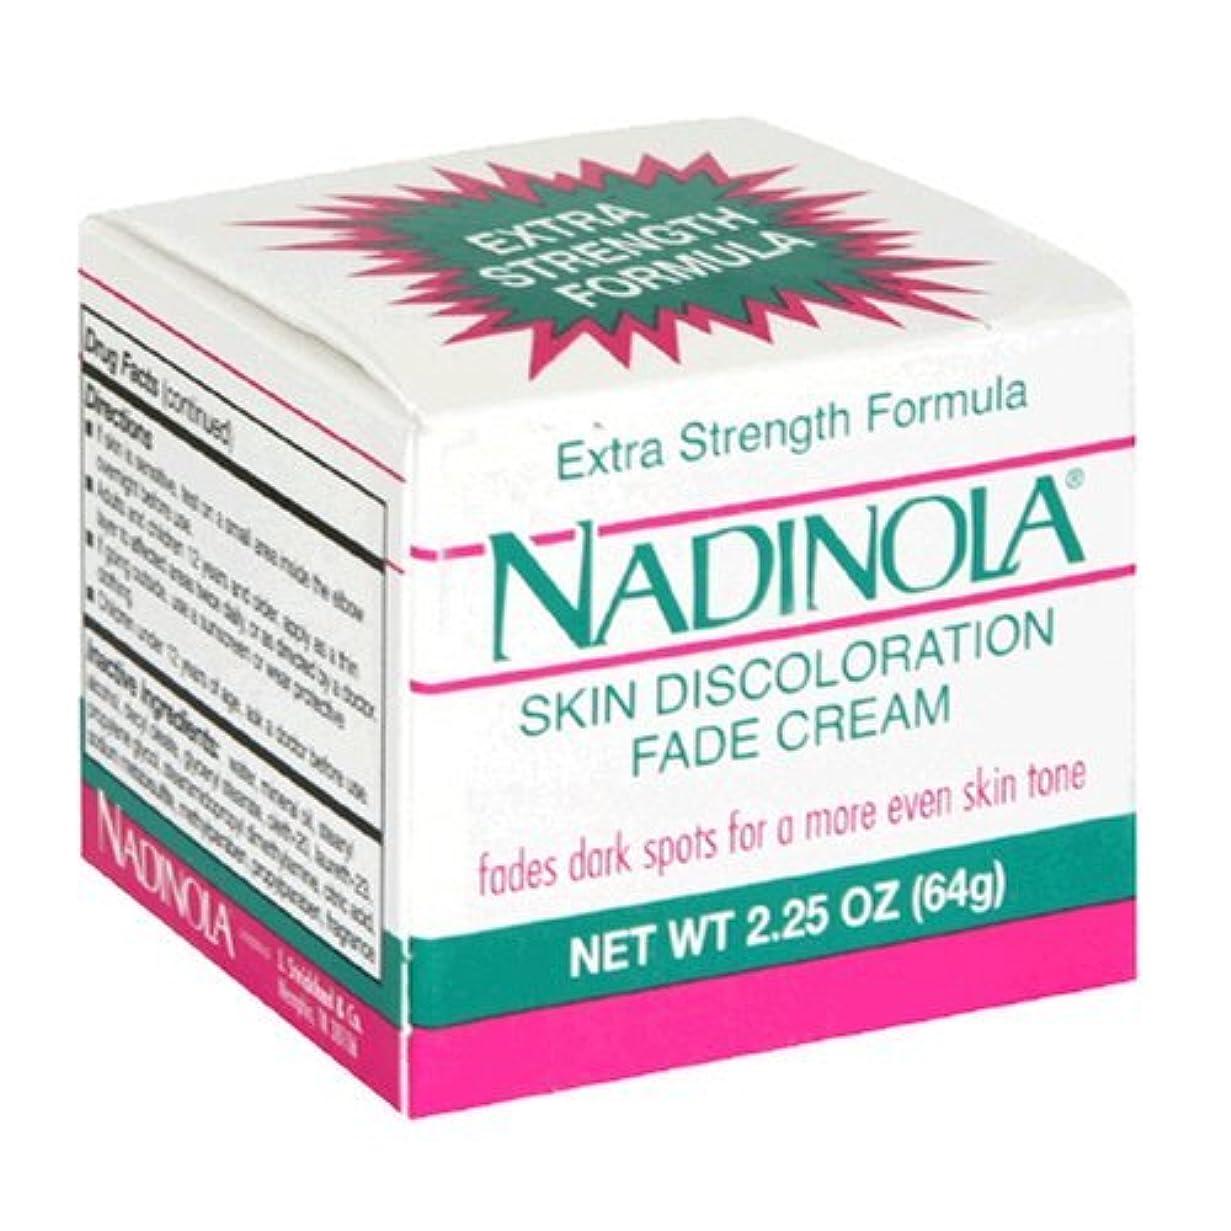 クリーナー運動装備するNadinola Discoloration Fade Cream 2.25oz Extra Strength (並行輸入品)